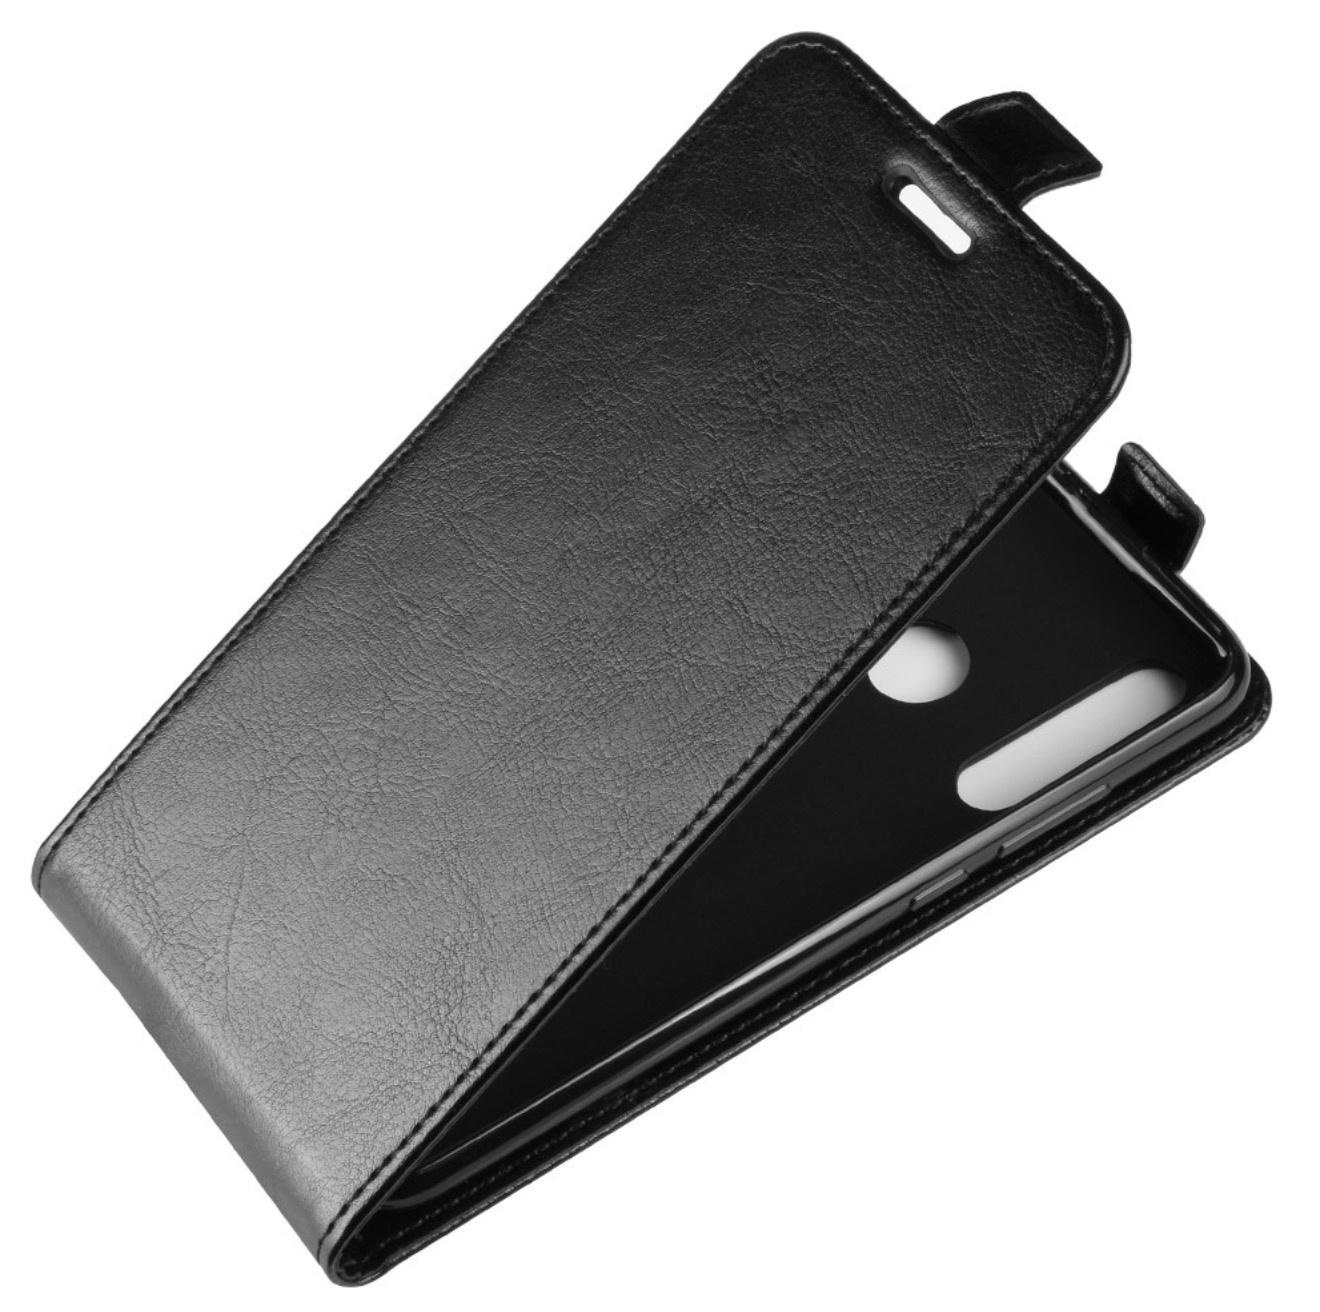 Чехол-флип MyPads для Huawei Ascend P7 Mini вертикальный откидной черный hat prince protective tpu case w stand for huawei ascend p7 pink